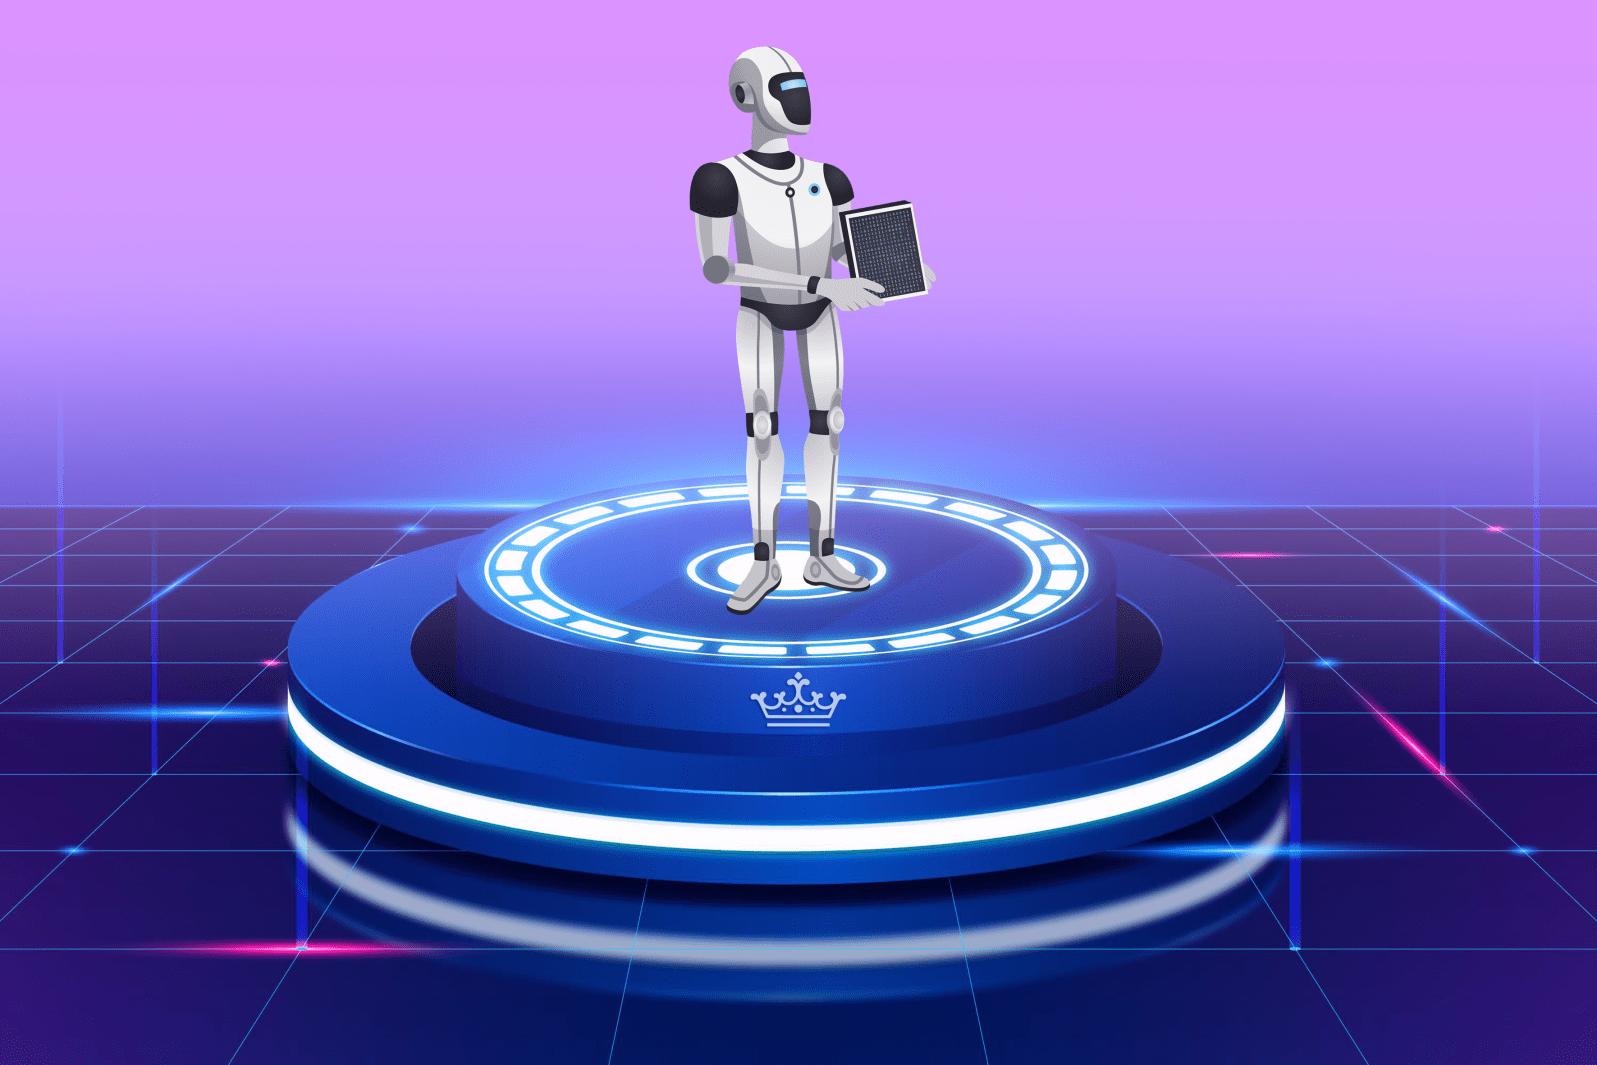 Футуристический сценарий от Colady: в ближайшем будущем роботы смогут вытеснить людей в различных сферах